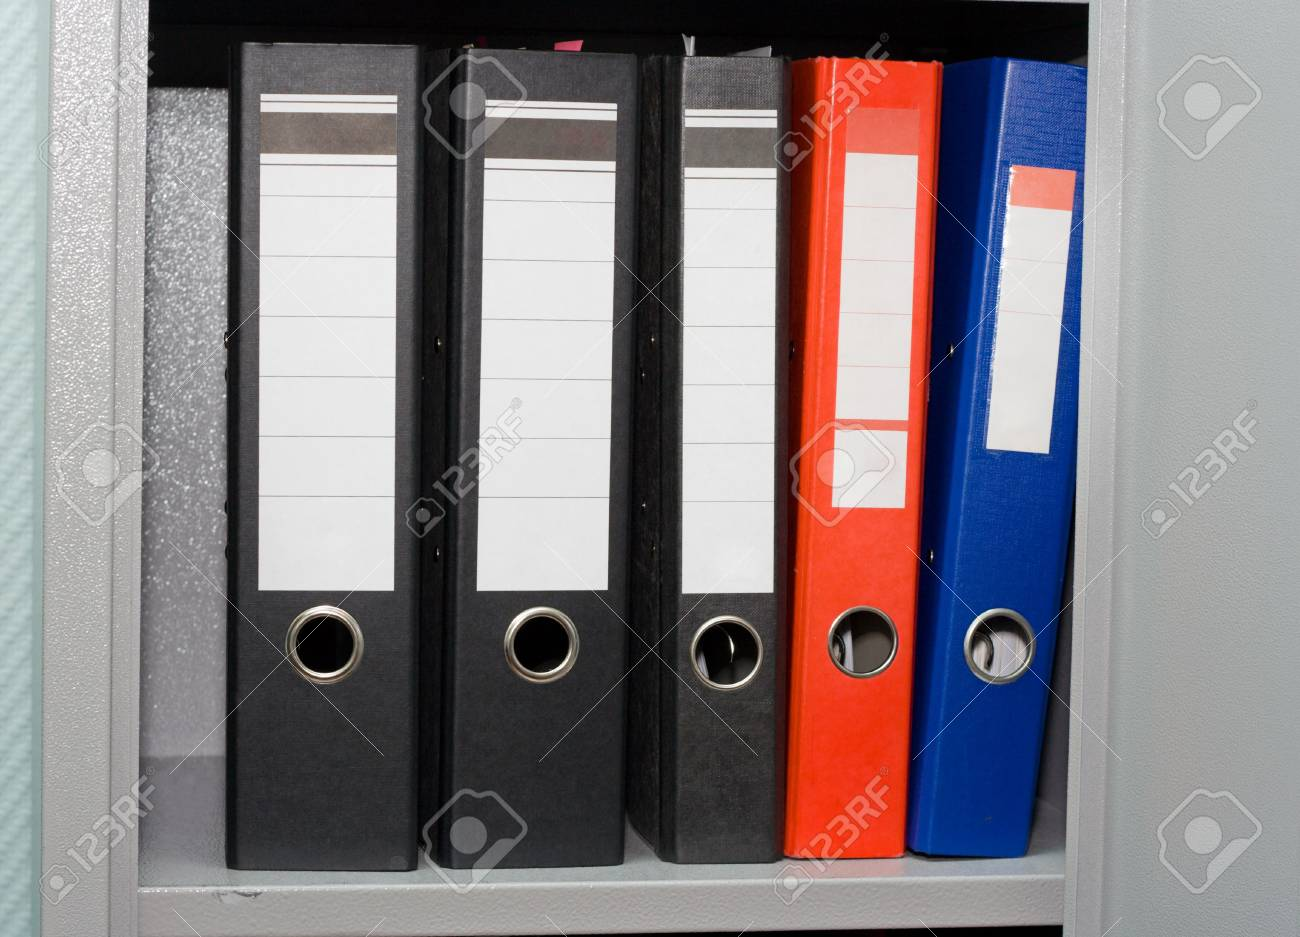 Office folders on a shelf in a case Stock Photo - 1829685